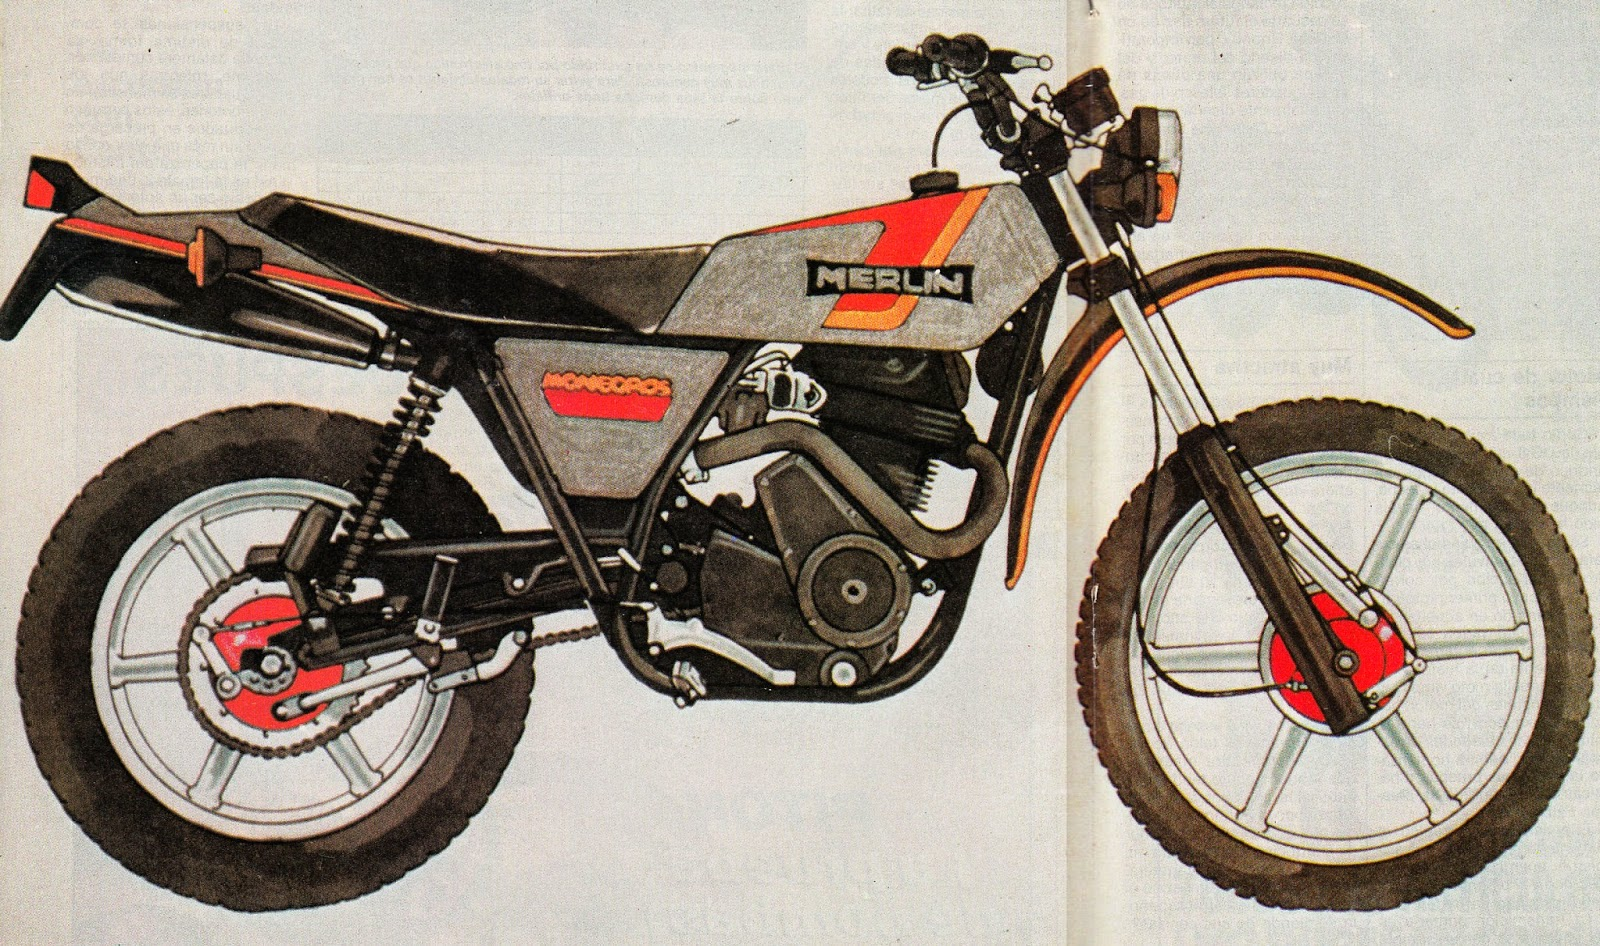 El mundo de la moto mercati 410 estirpe de mototrans for Shop moto salon de provence